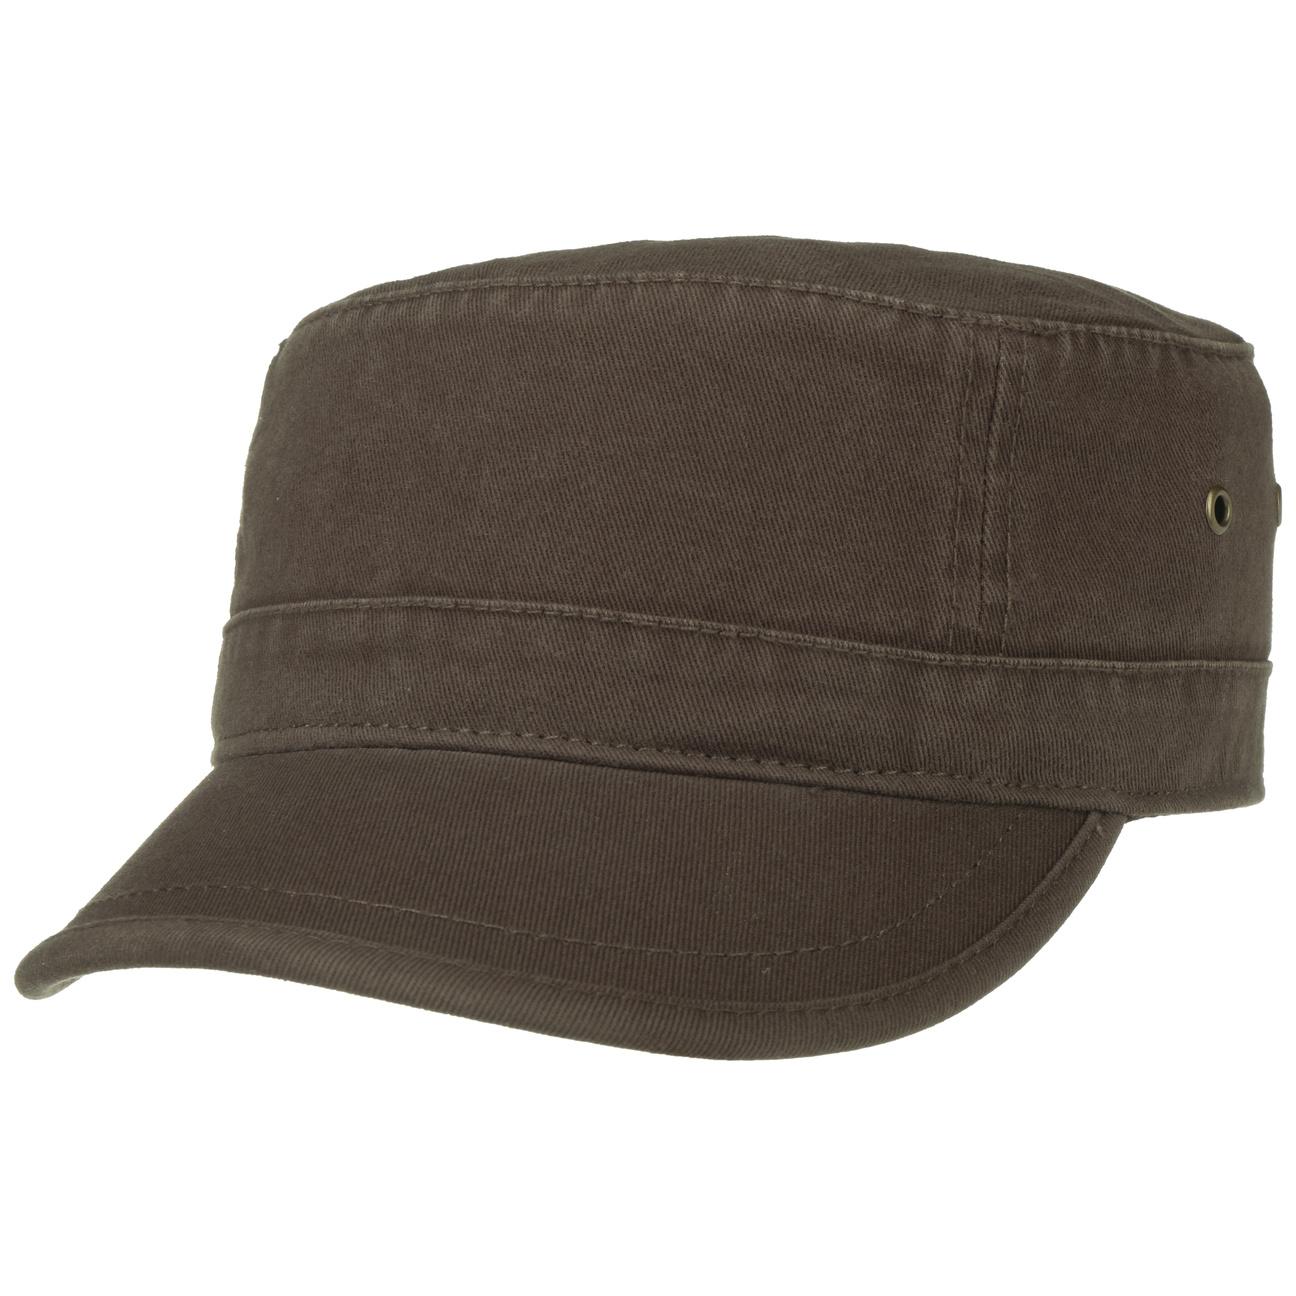 fbef7d3ba3fec Gorra Militar Urban de Mujer - Gorras - sombreroshop.es